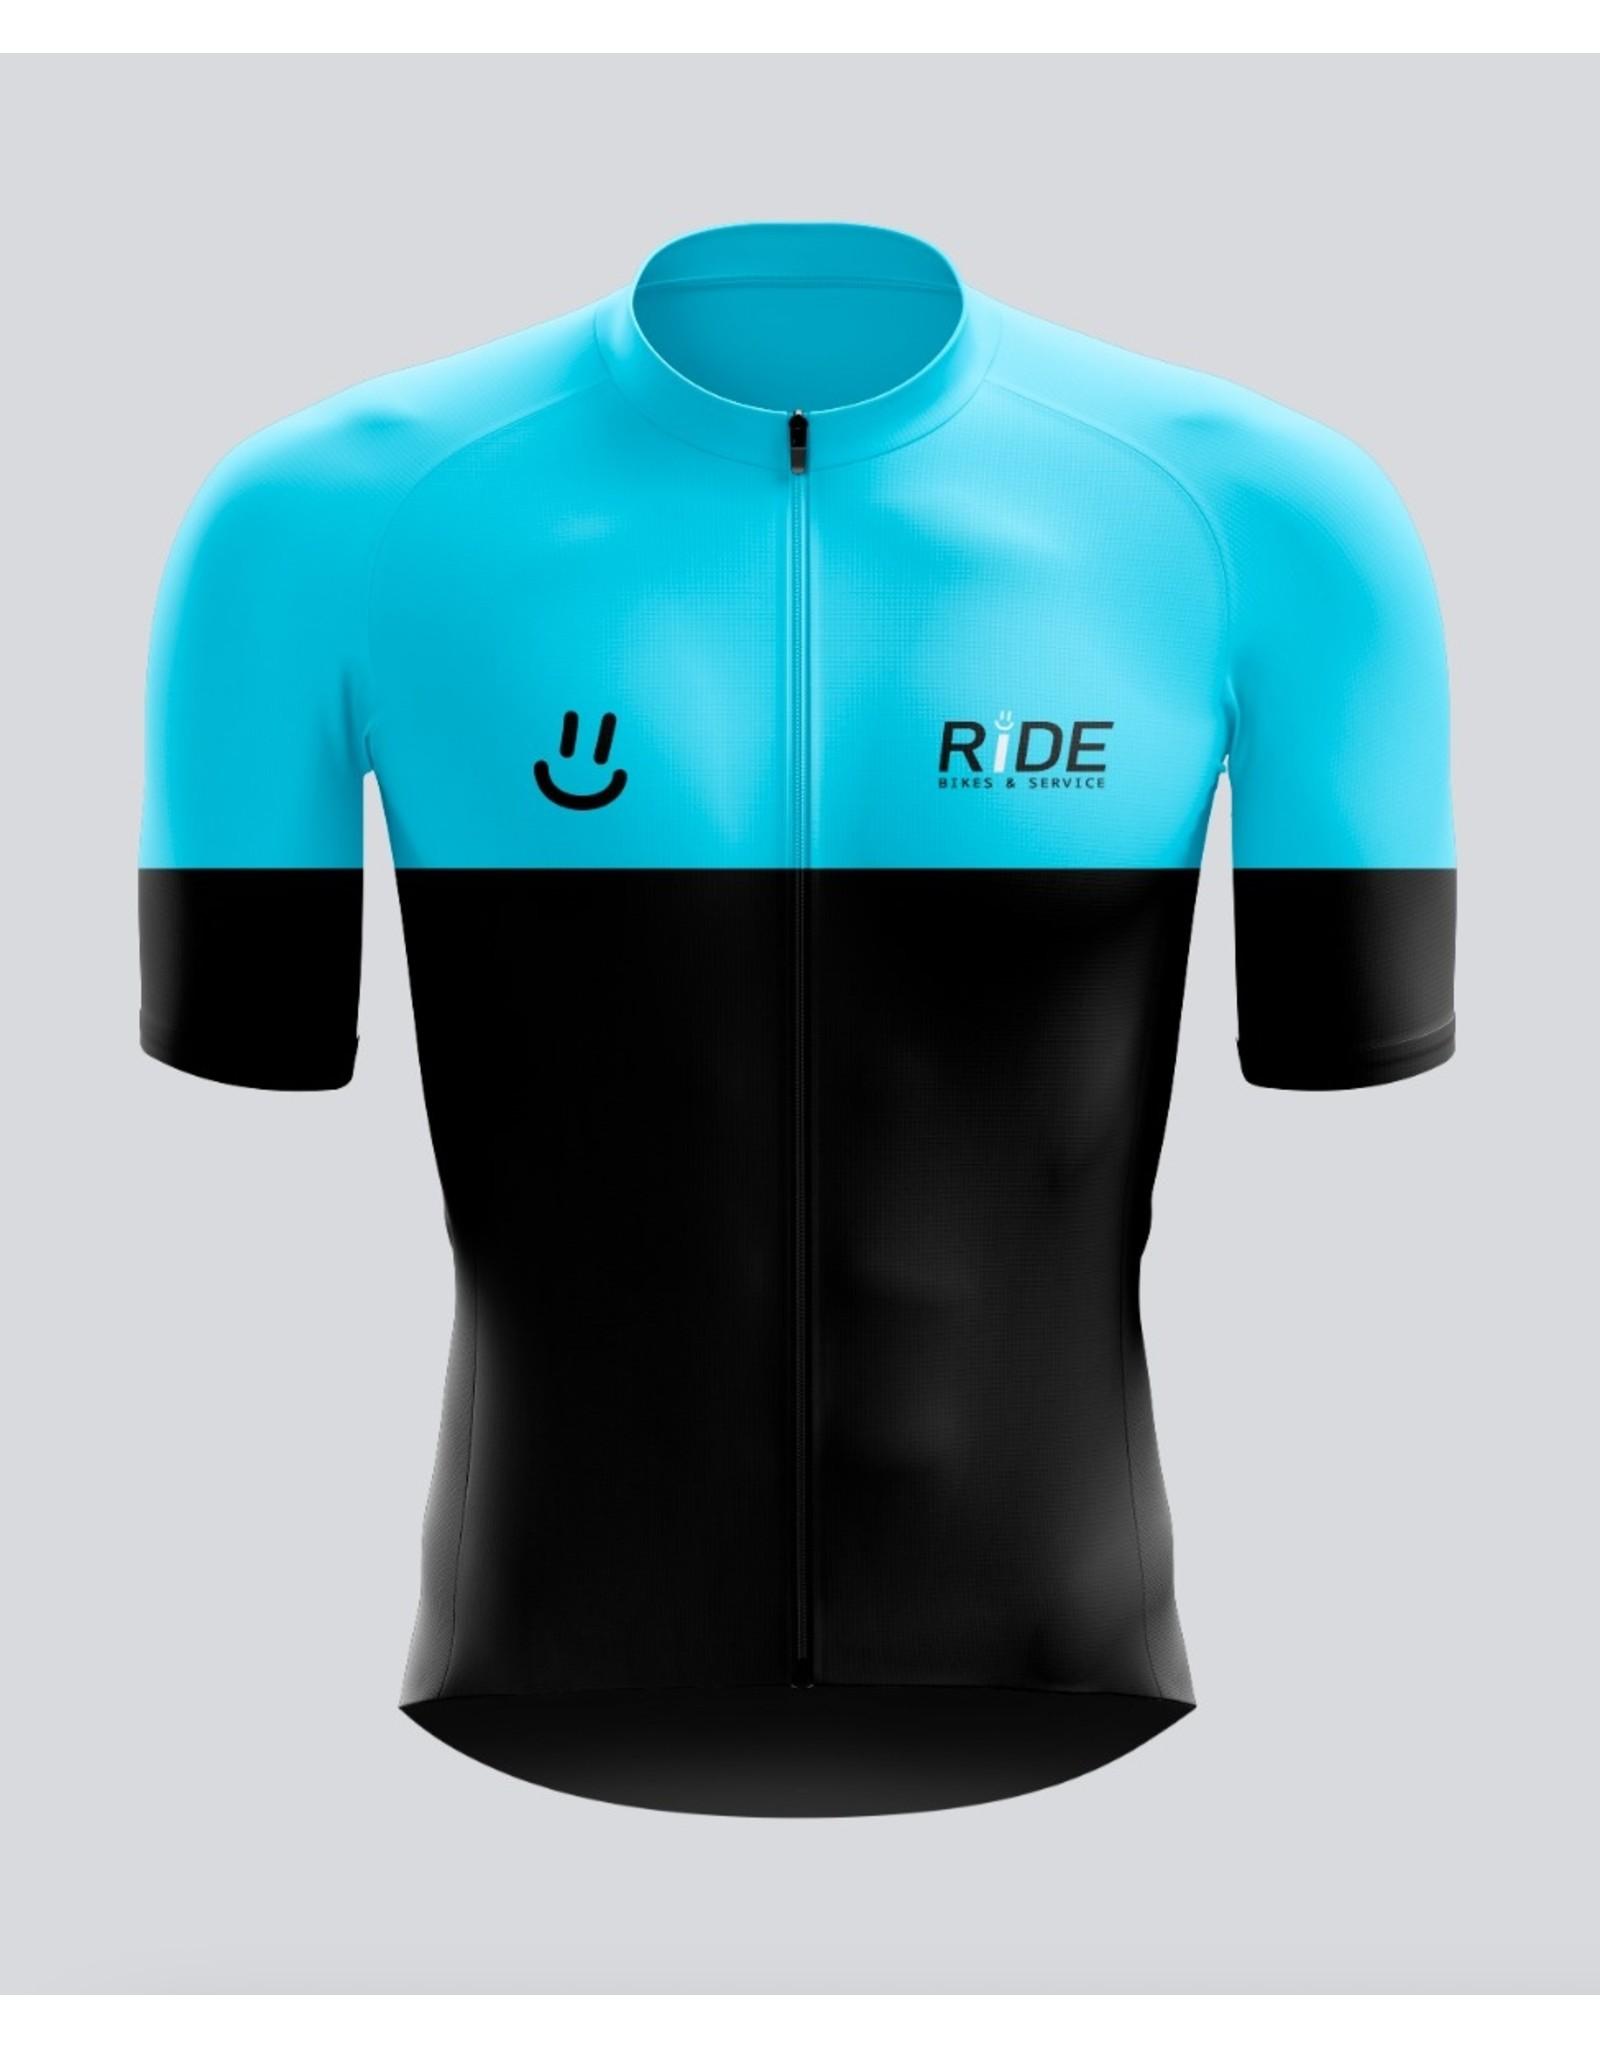 Givelo RIDE BS Bike Jerseys Blue/Pink Men's M